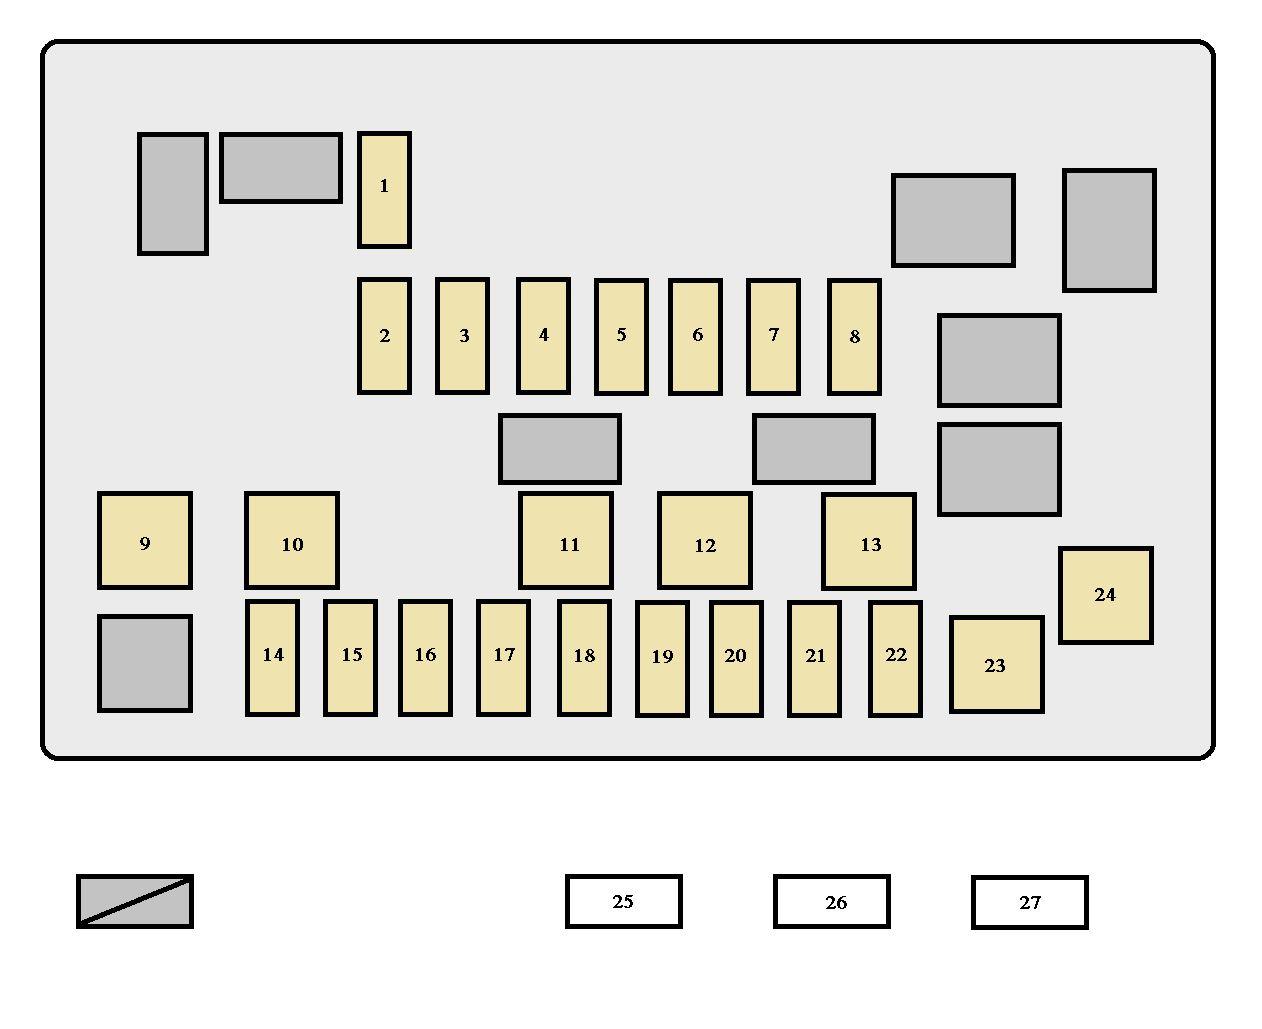 Scion Tc Fuse Box Wiring Diagrams 2007 Lexus Is 250 Diagram 2006 Scematic